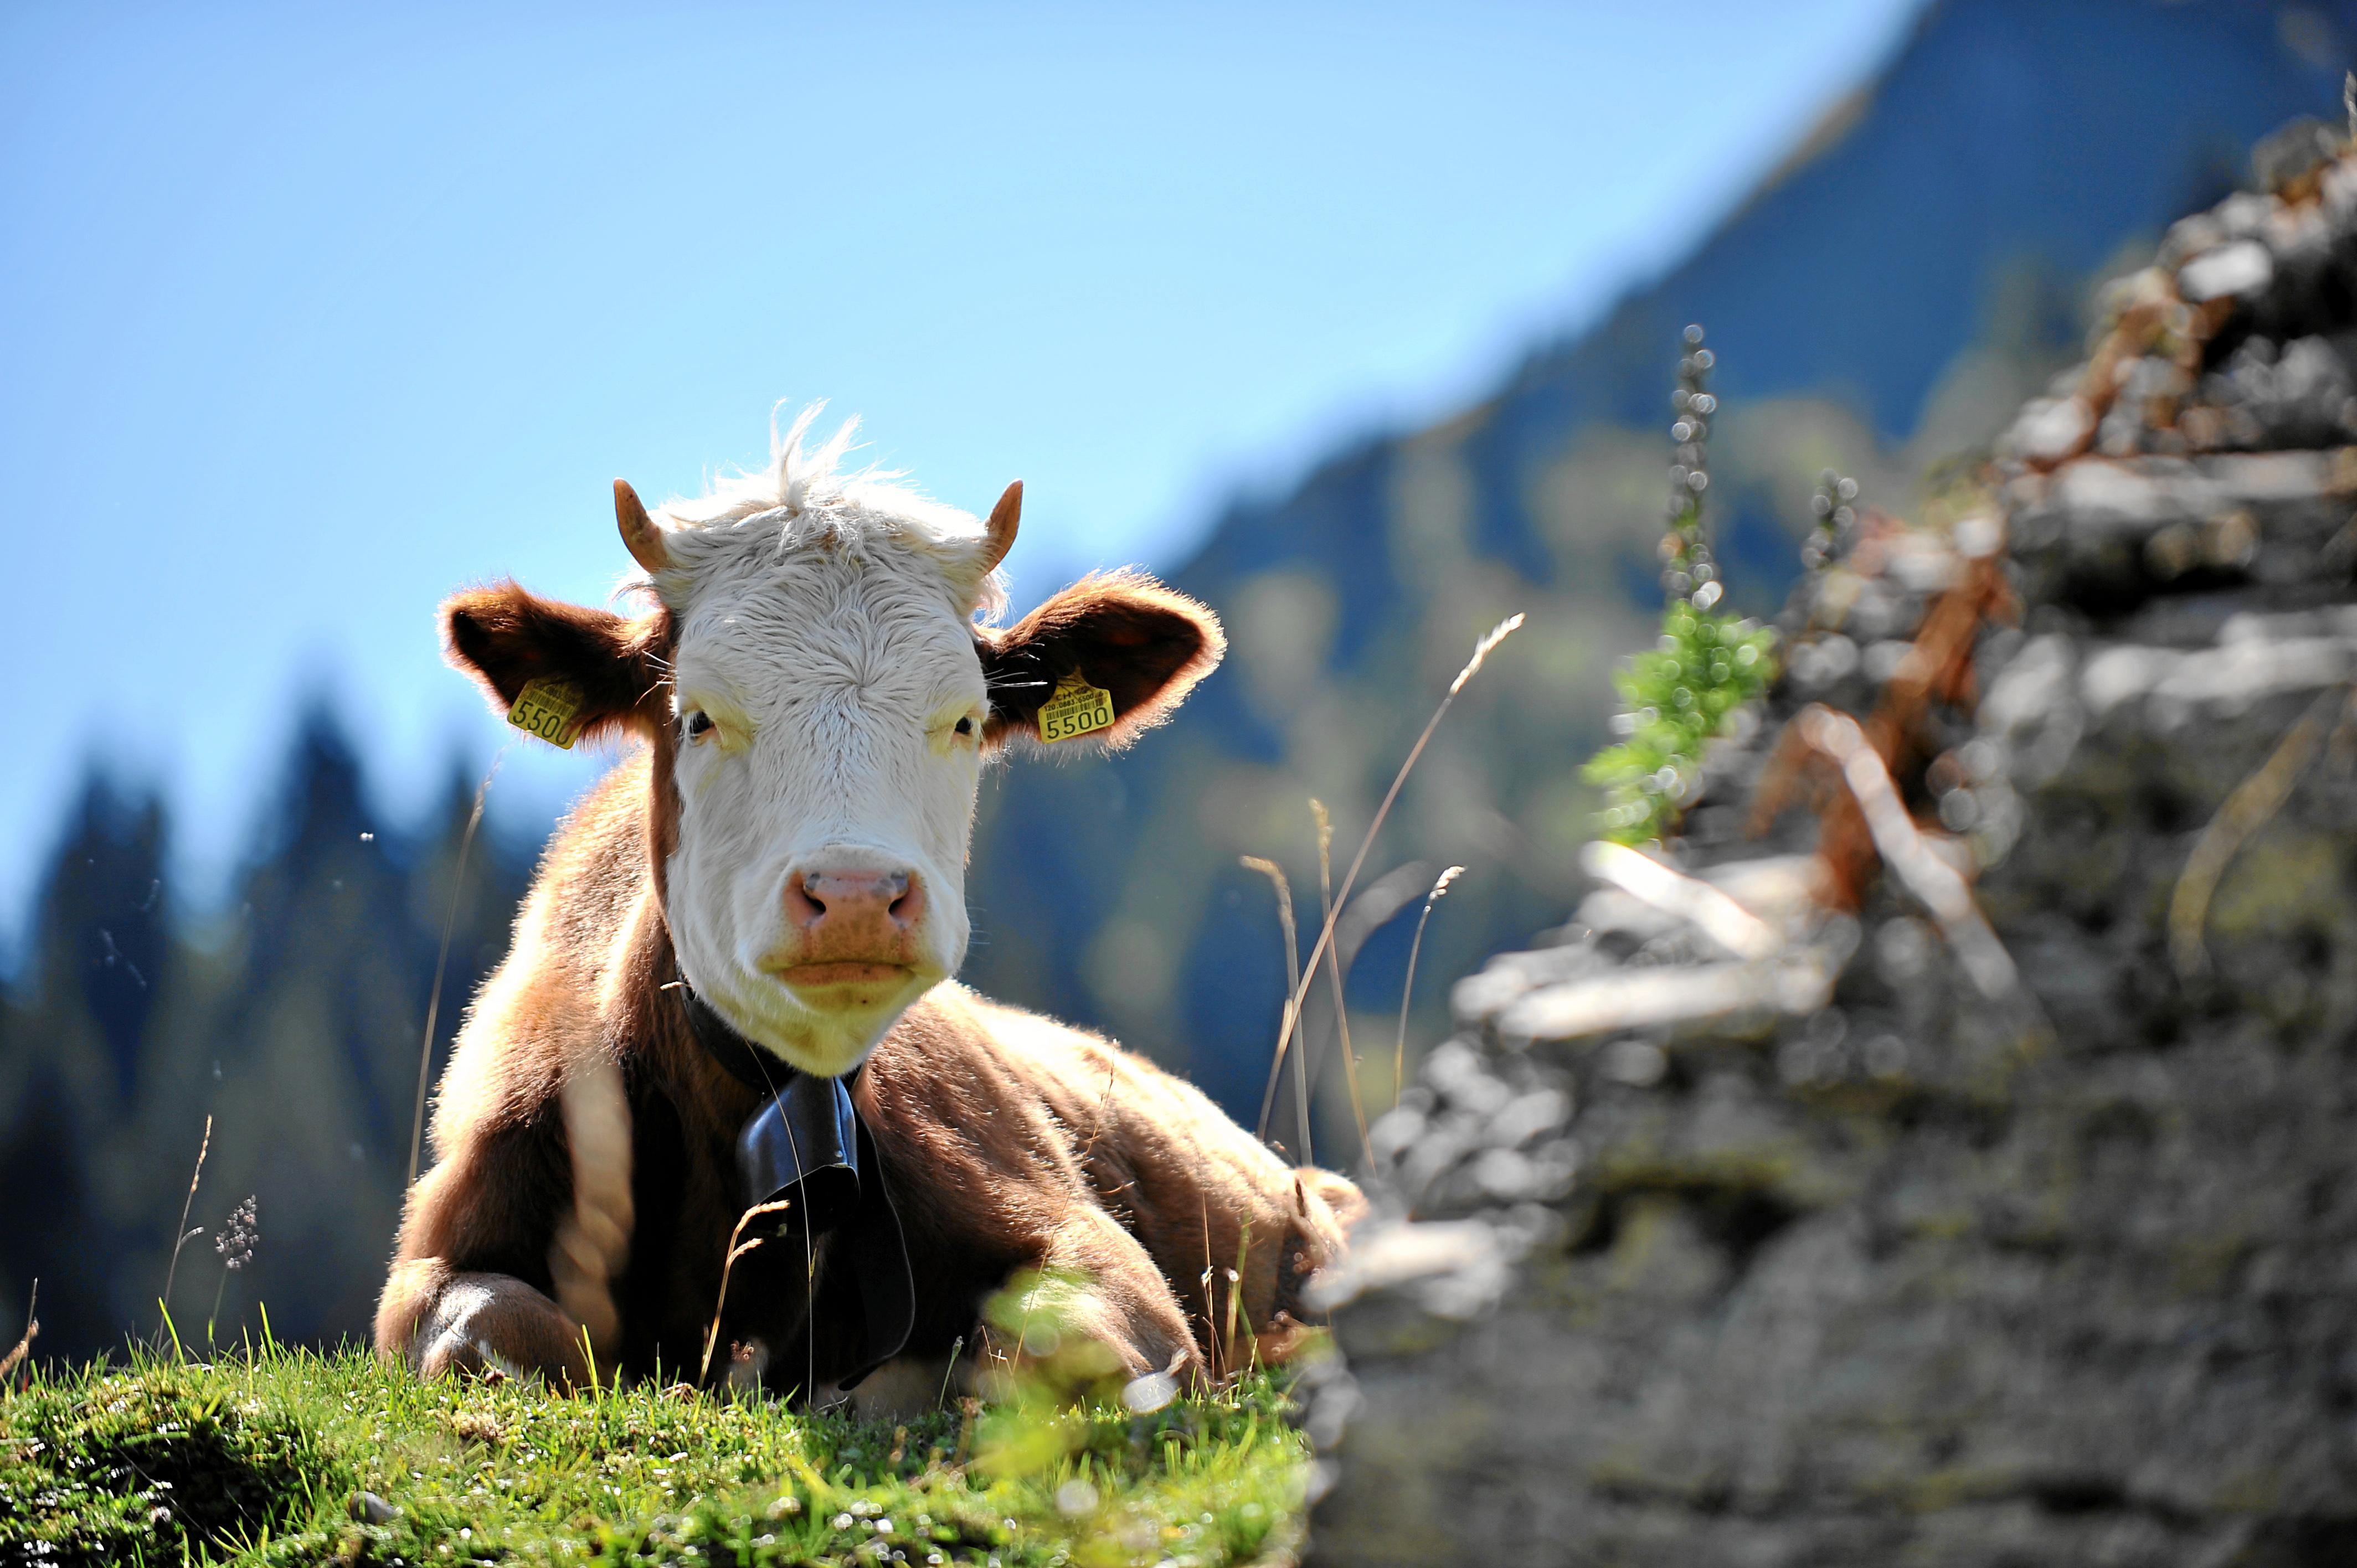 Kühe auf der Weide Natur erleben